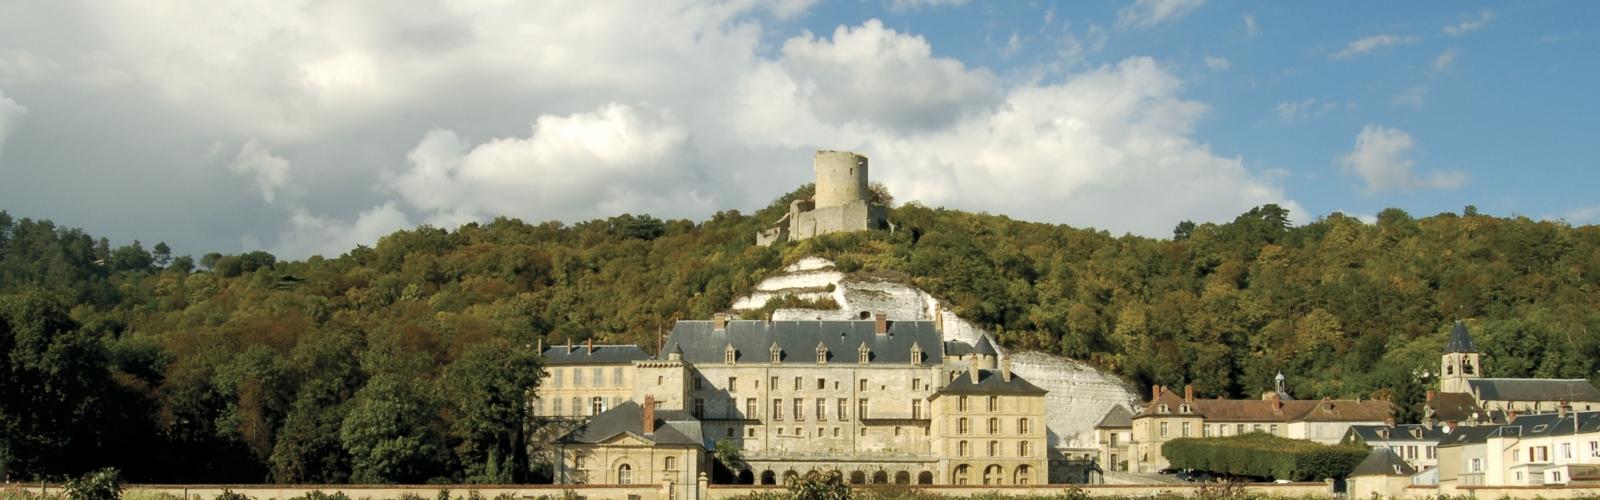 Vue d'ensemble du Château de La Roche-Guyon depuis le potager